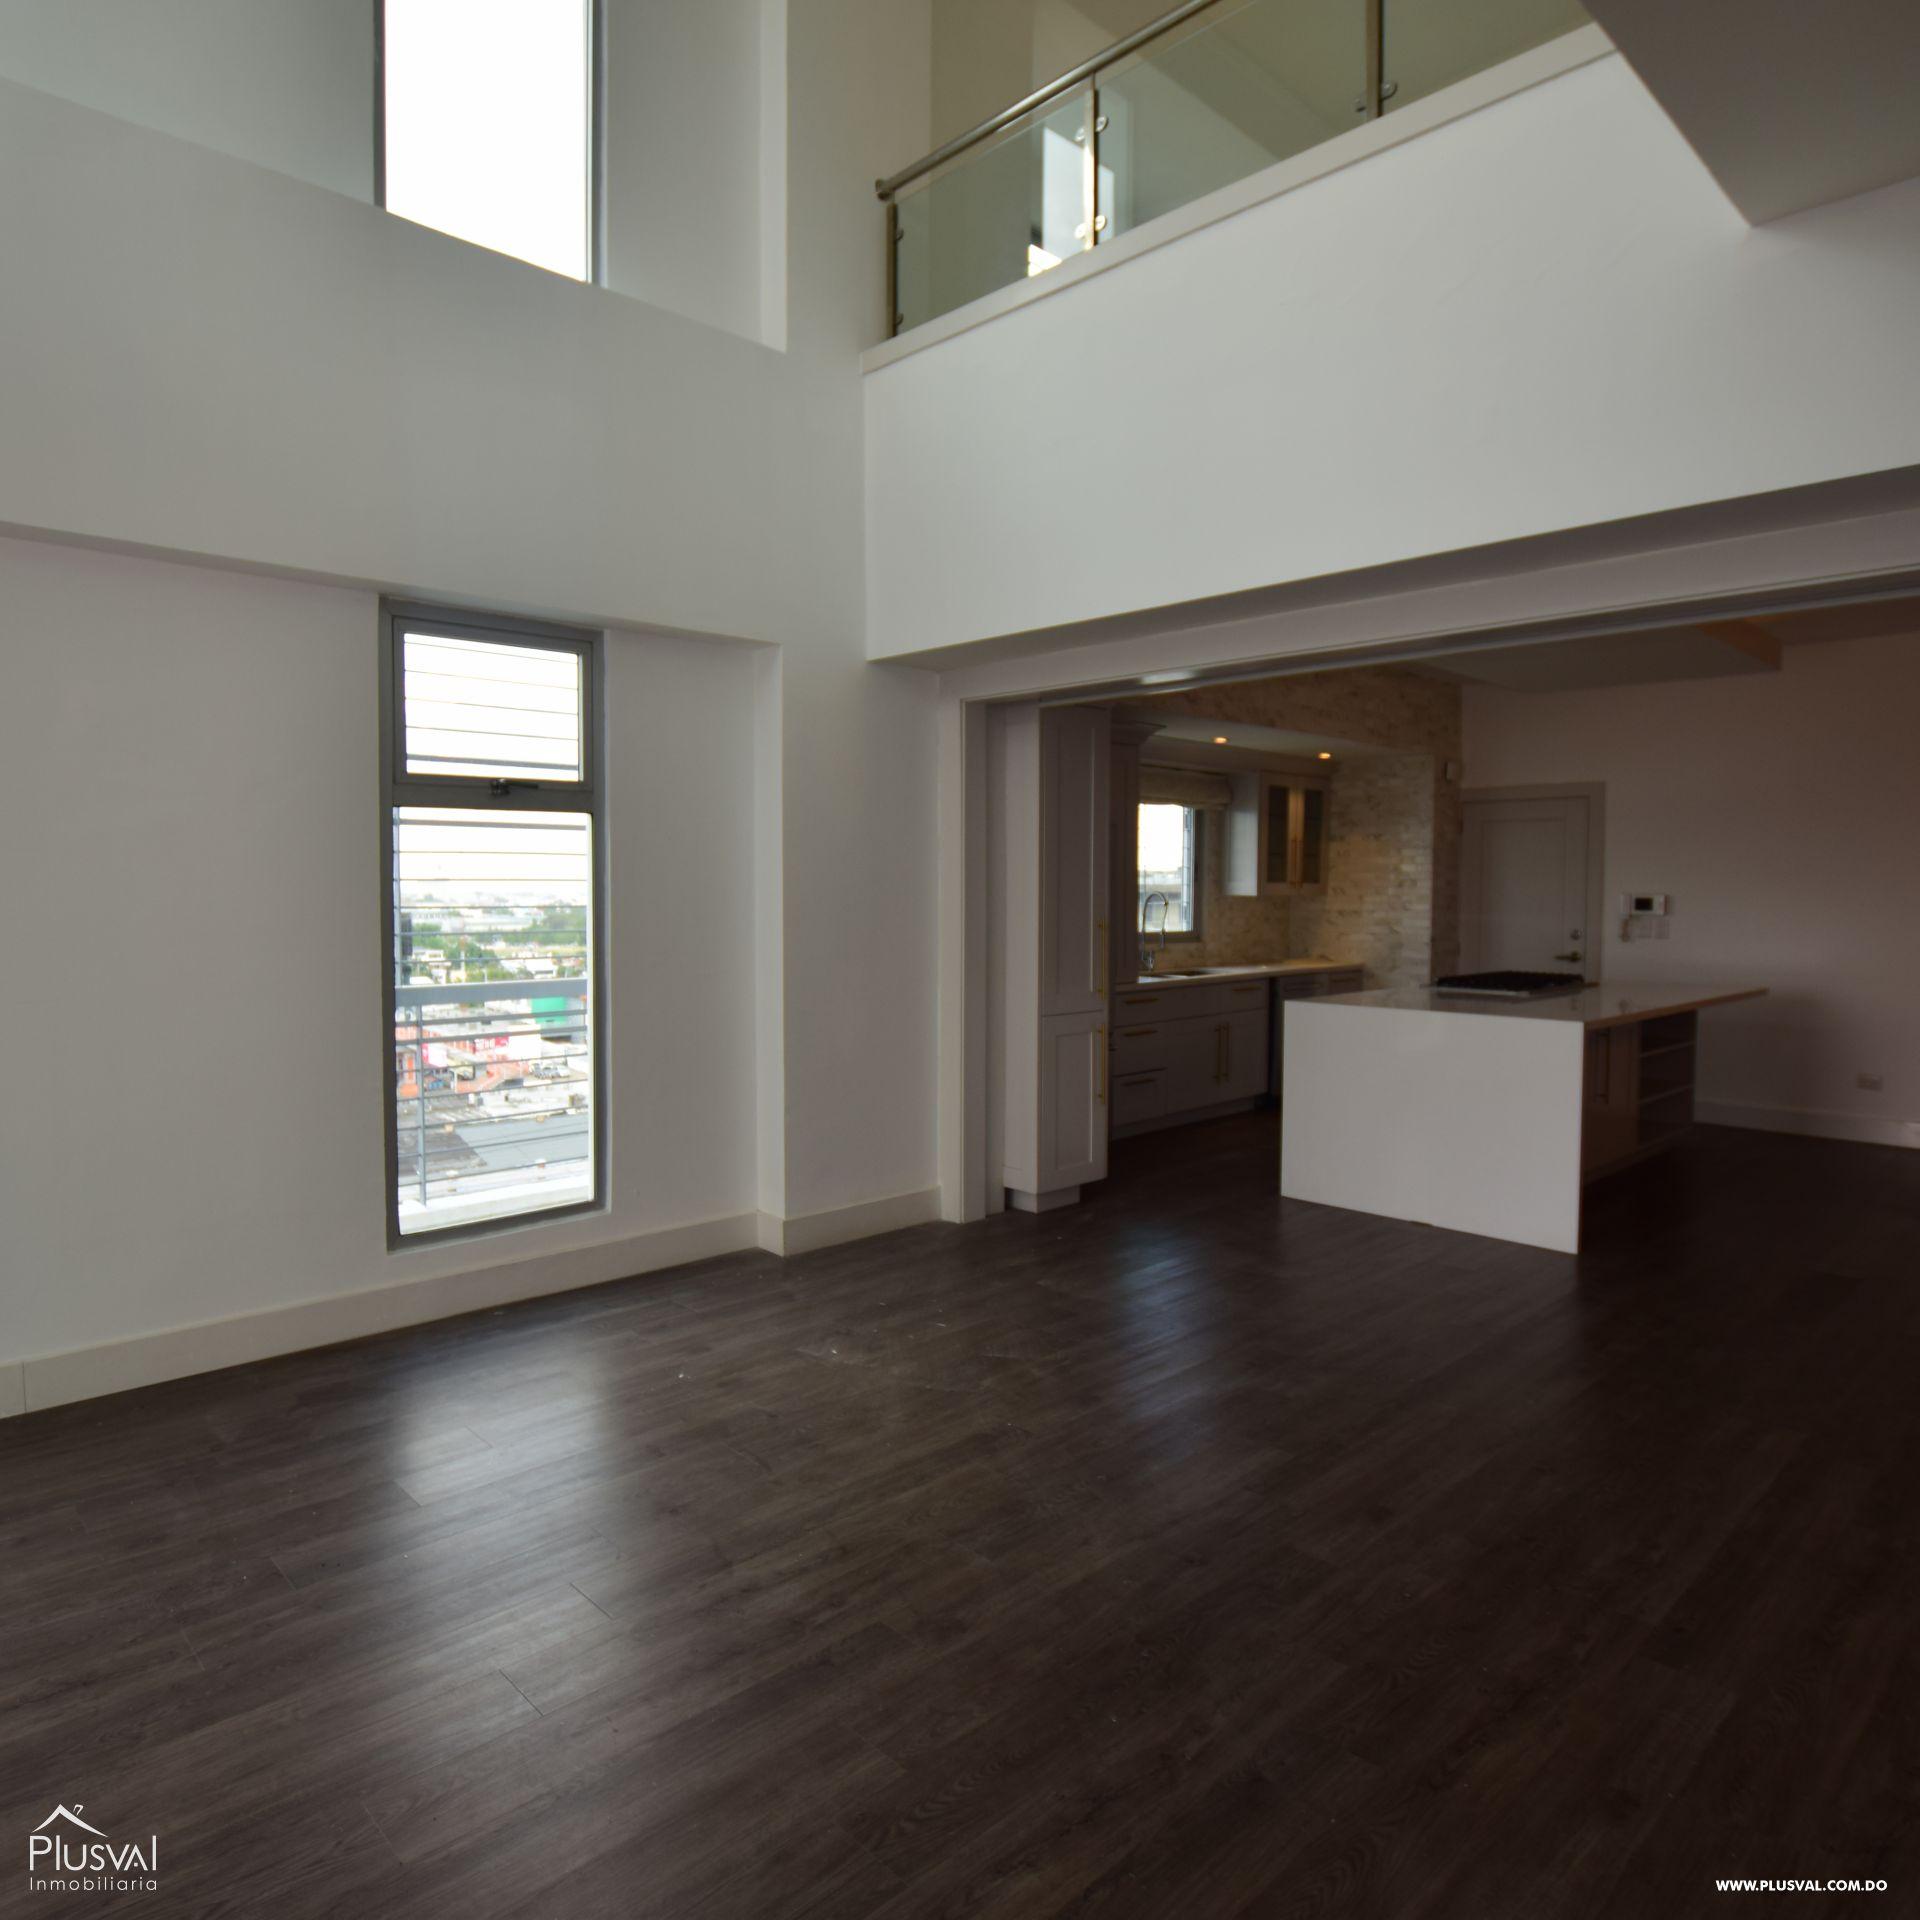 Penthouse en venta, Naco 167610